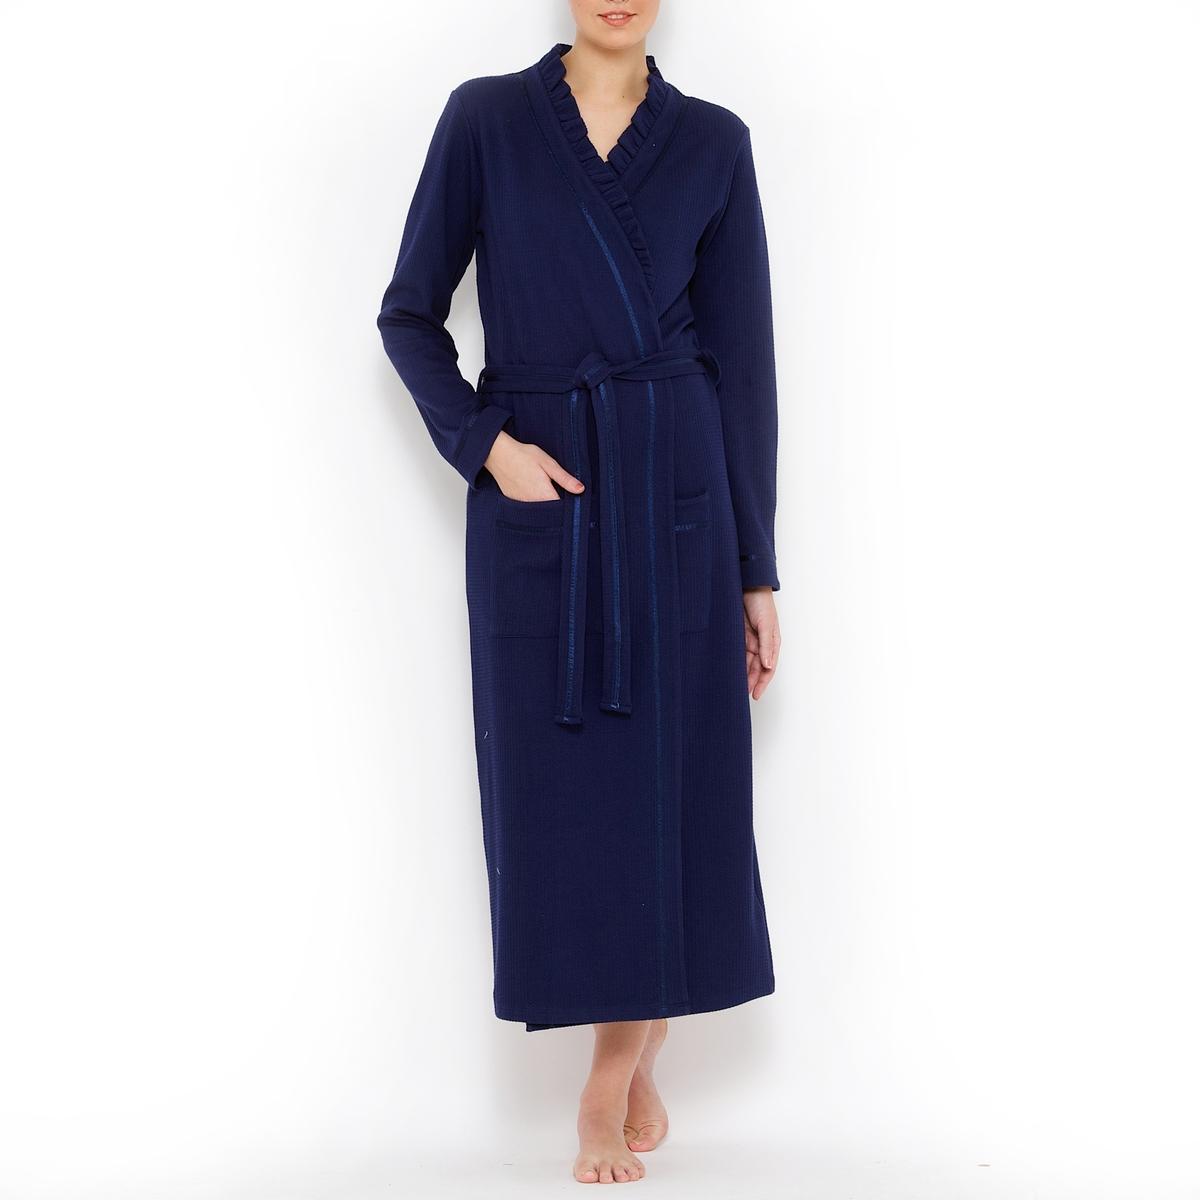 Платье домашнееДомашнее платье из трикотажа с вафельным переплетением 100% хлопка, невероятно комфортное для лета. V-образный вырез, красиво подчеркнутый небольшим воланом.Домашнее платье с ремешком в шлевках и внутренними завязками. 2 накладных кармана. Длинная модель (длина 115 см).Отделка сатиновым кантом .<br><br>Цвет: синий морской<br>Размер: 42/44 (FR) - 48/50 (RUS).38/40 (FR) - 44/46 (RUS).50/52 (FR) - 56/58 (RUS).46/48 (FR) - 52/54 (RUS)